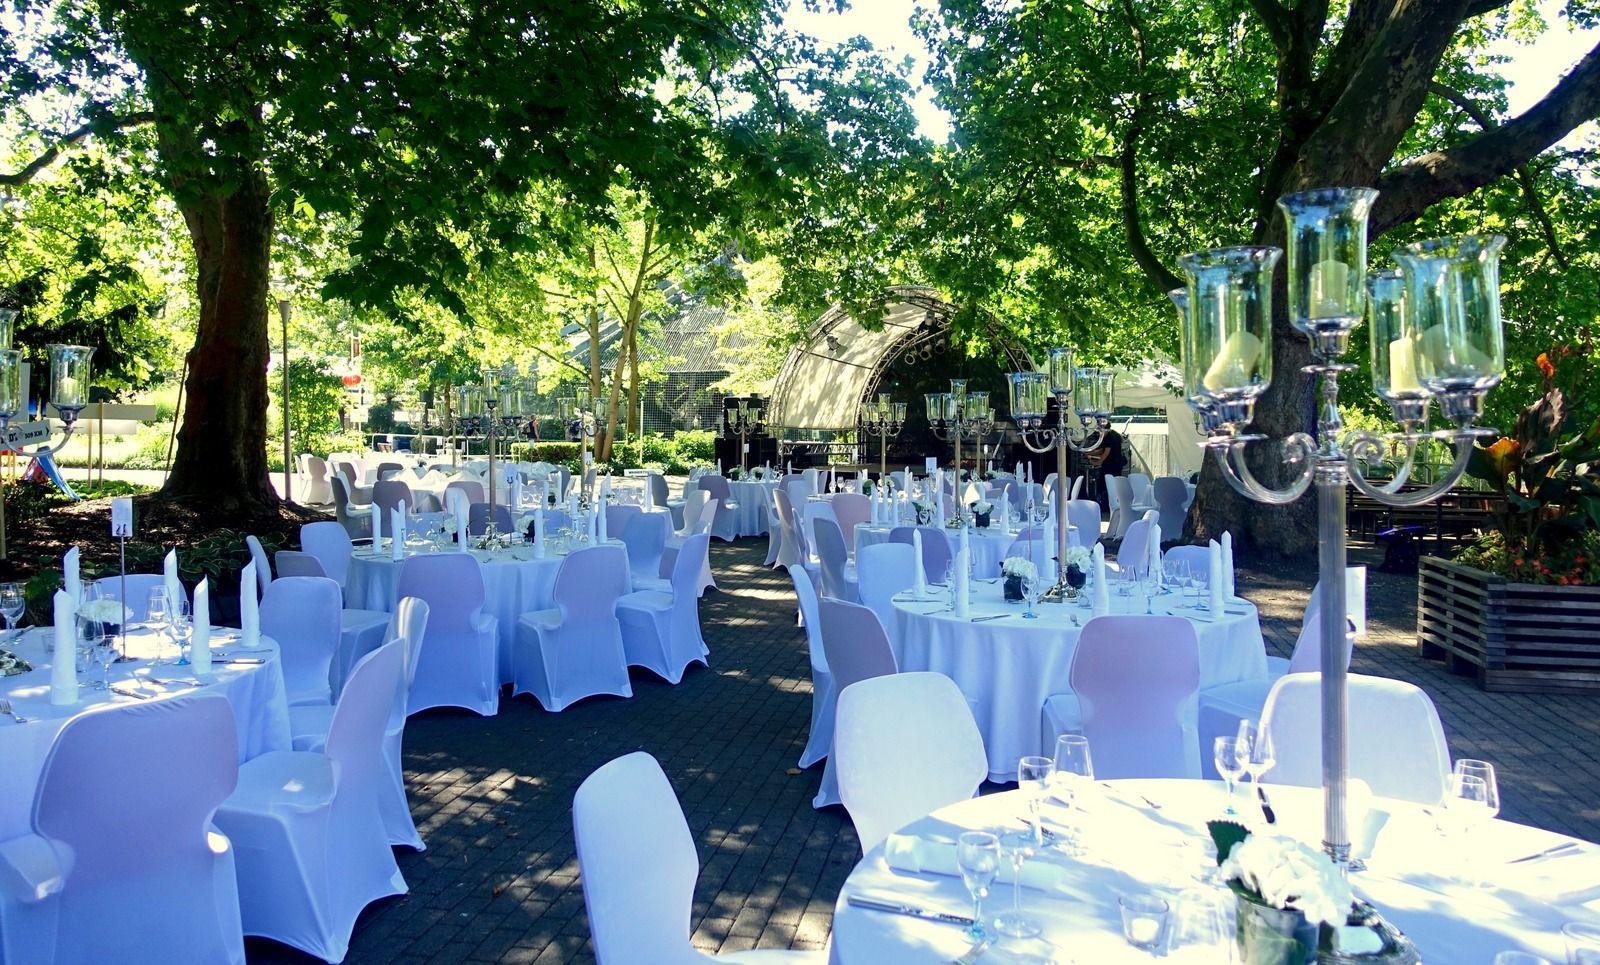 Hochzeit In Der Festhalle Baumhain In Mannheim Mein Traumtag Hochzeitslocation Hochzeit Hochzeitseinladung Familienfeier